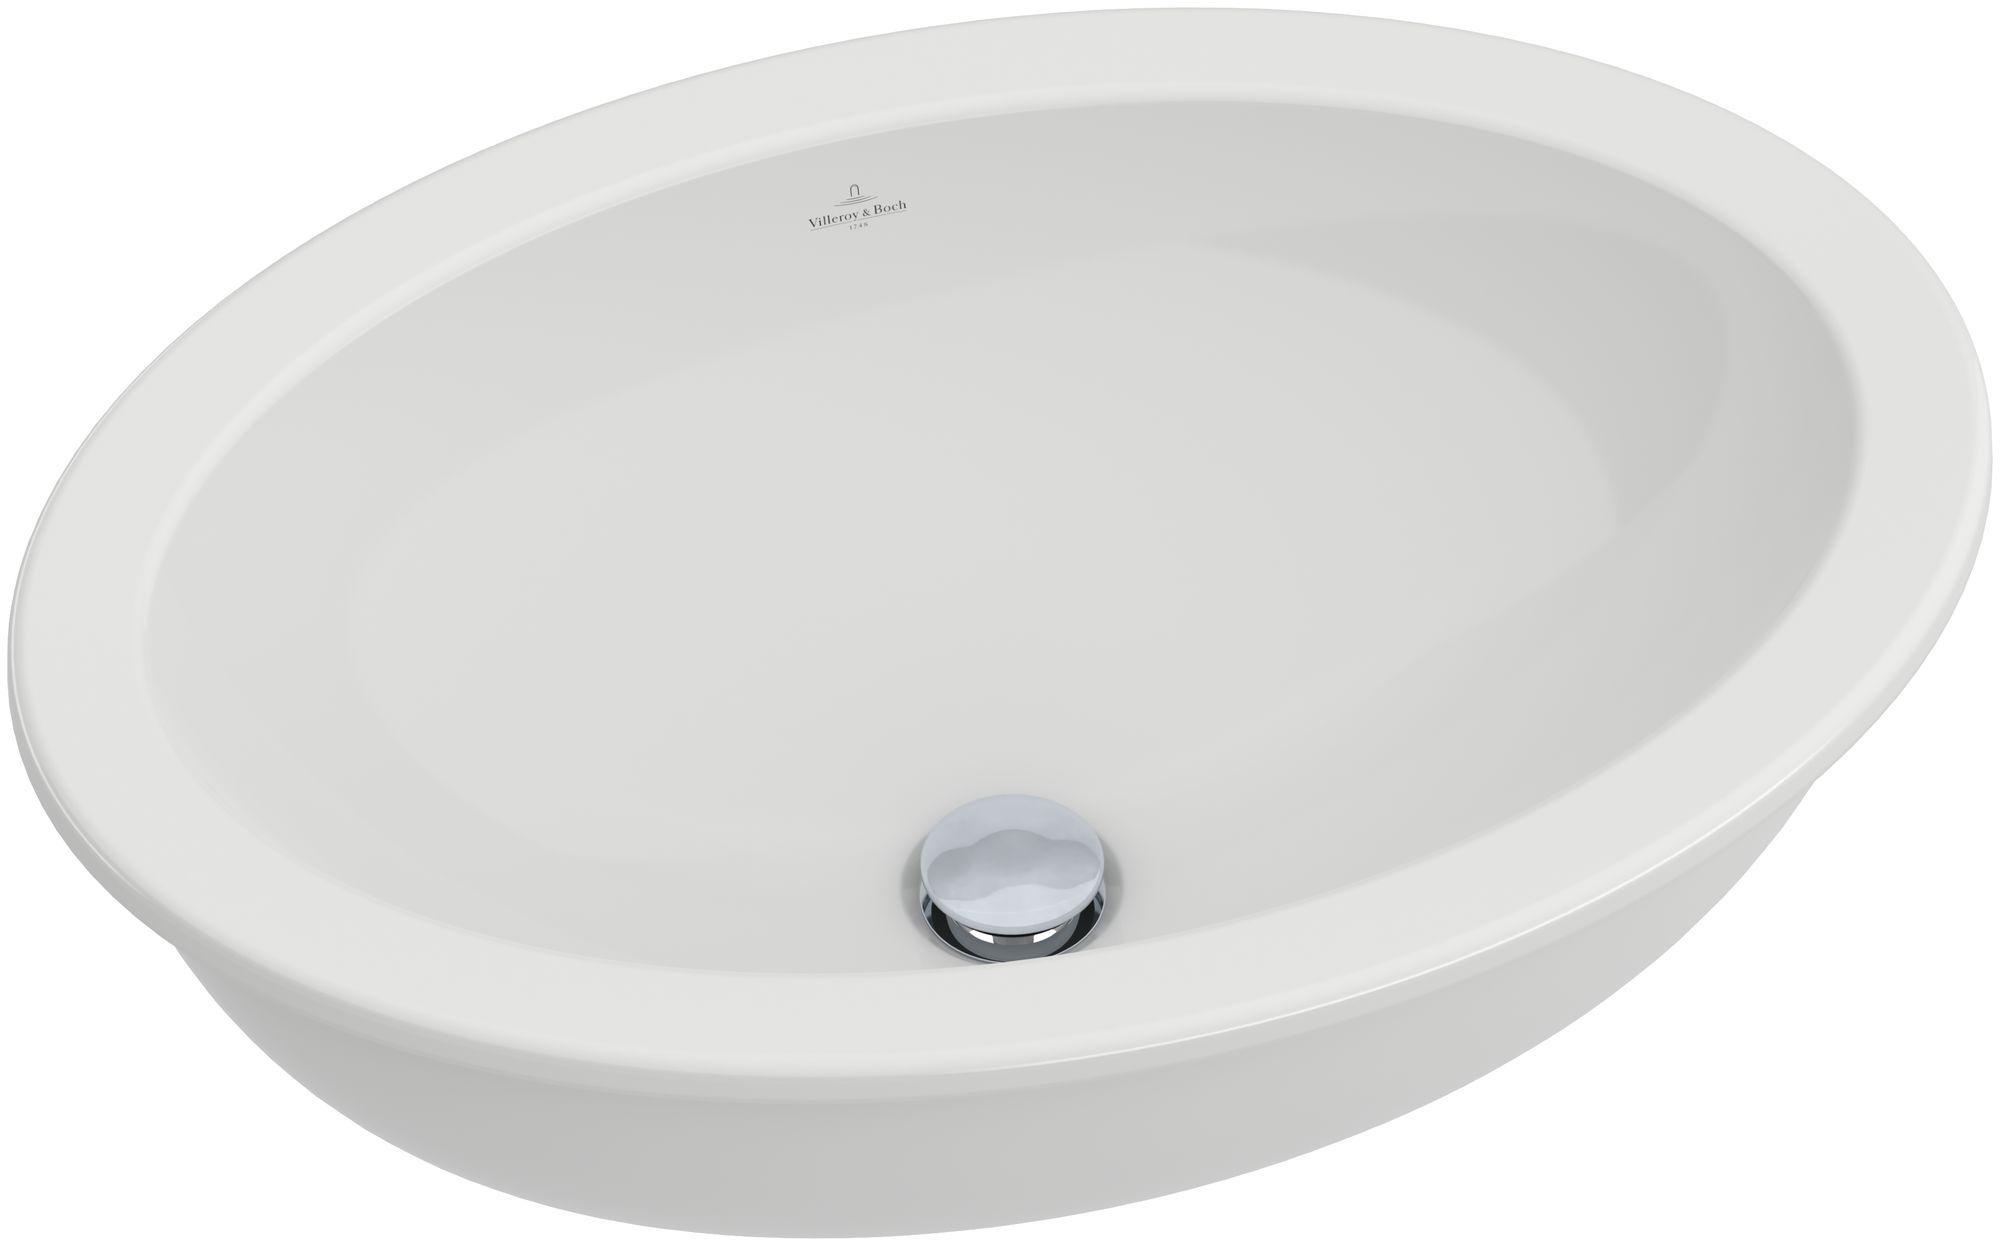 Villeroy & Boch Loop & Friends Unterbauwaschtisch B:56xT:37,5cm ohne Hahnloch ohne Überlauf weiß mit Ceramicplus 616131R1